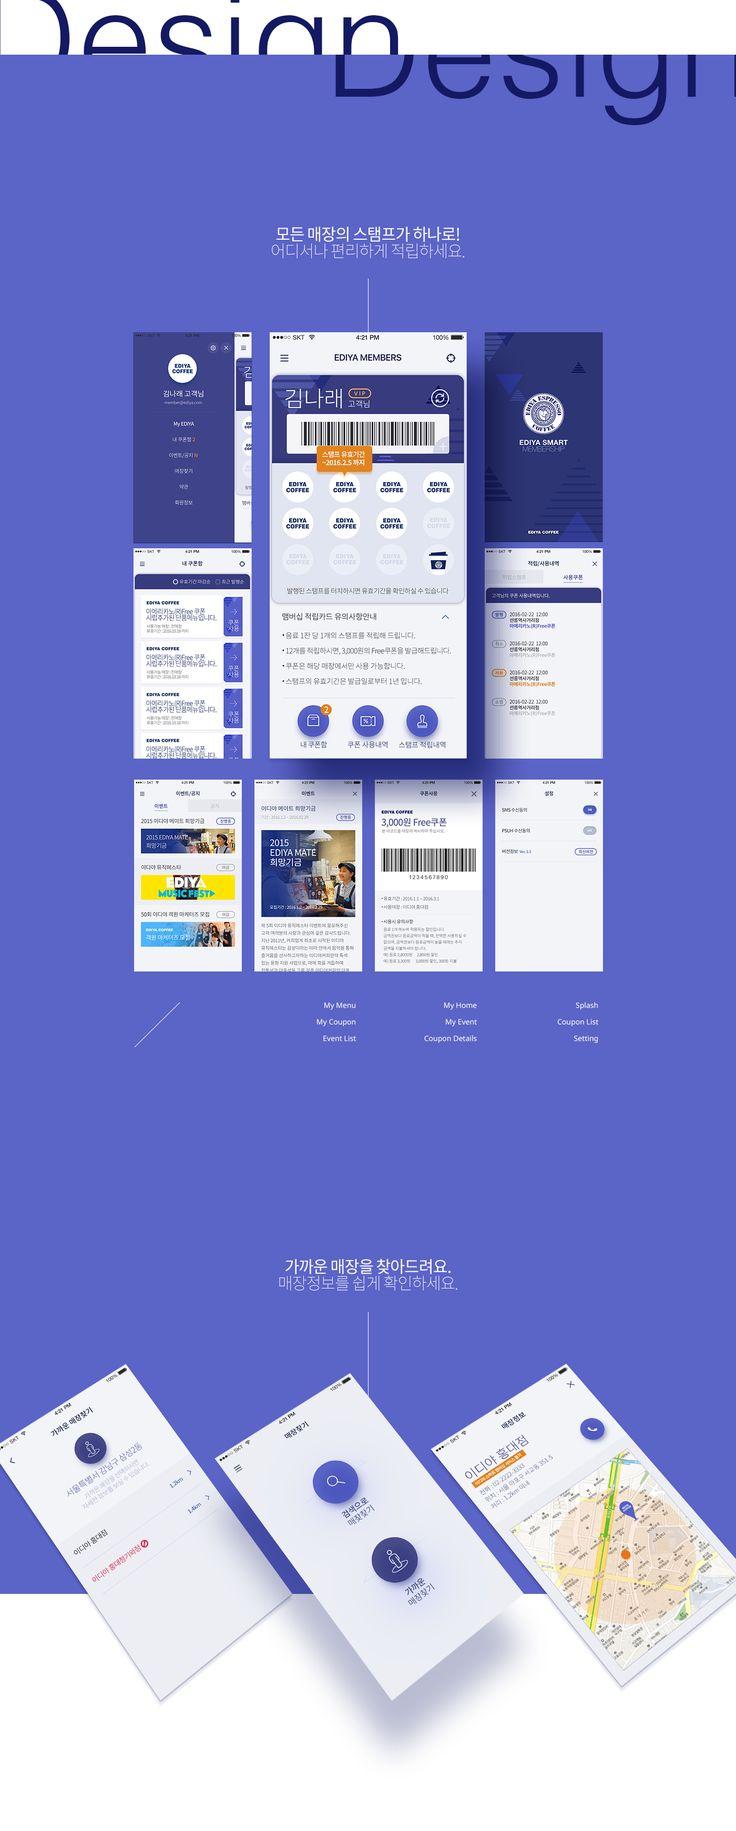 Overview종이쿠폰의 불편함을 해결하고 매장에따라 다르게 제공되었던 스템프 서비스를 통합하여 앱에서 모든서비스를 받고 관리하여 사용자에게 편리함을 제공하기 위해서 제작되었습니다.Ediya Keyword최신 트랜드에 맞게 플랫하고 싶플한 방향으로전체적으로 파스텔톤으로 사용자브랜드 경험의 연속성에 방해 받지 않도록 블루계열 컬러를 활용하고 패턴등의 사용으로 젊은감성에 어필할 수 있도록 합니다.-Trend : 최신 트랜드를 반영, 플랫…